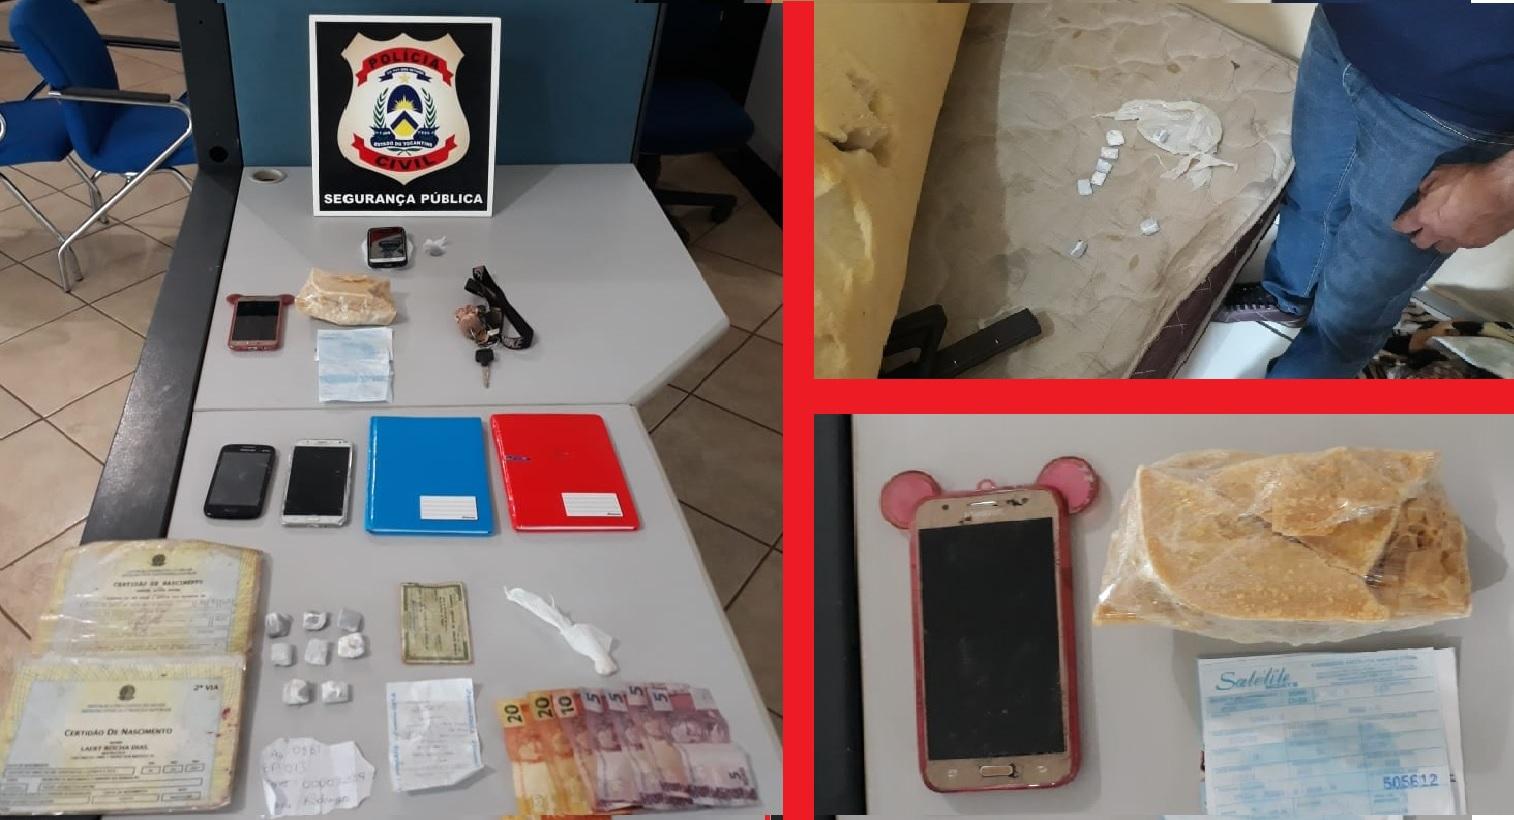 Foto: Divulgação/Polícia Civil do Tocantins - Crack, celulares, cadernos com anotações da movimentação do tráfico, dinheiro em espécie e comprovantes bancários apreendidos durante a ação que resultou na prisão 8 pessoas em Guaraí.